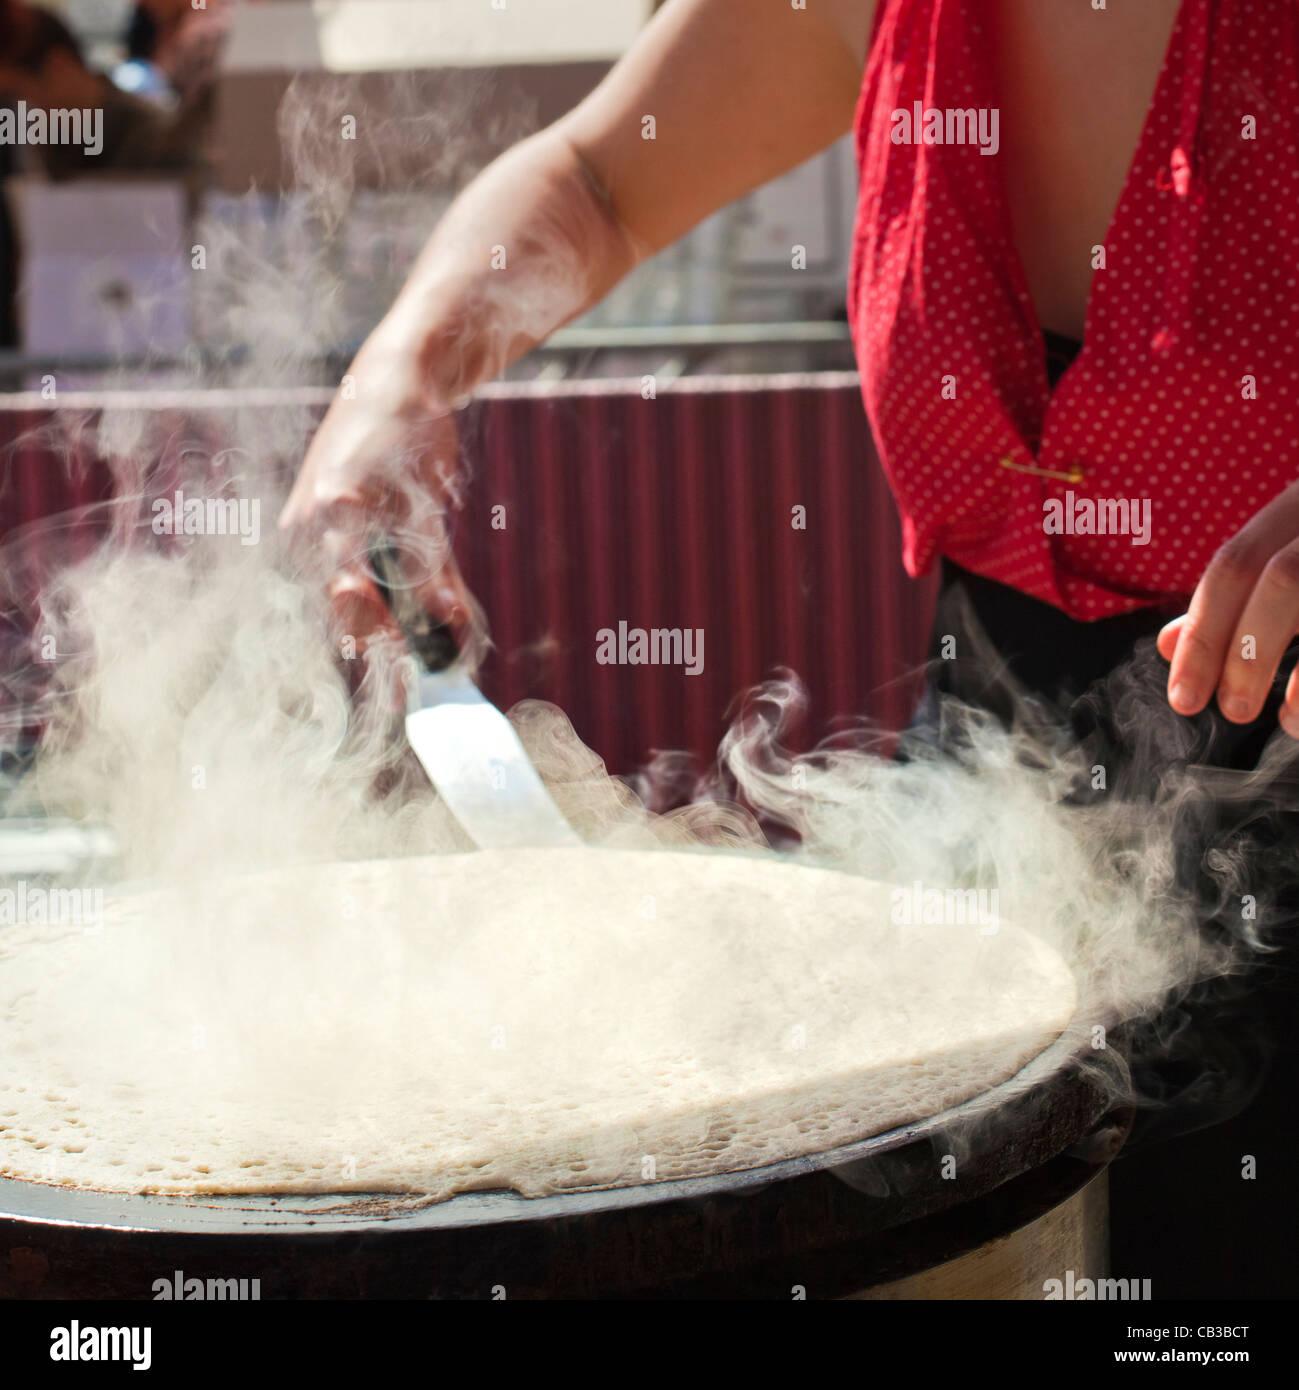 High Noon community festival est un festival de musique local Northcote à Melbourne, Australie Le faire des aliments/crêpes sur les rues de la ville. Banque D'Images